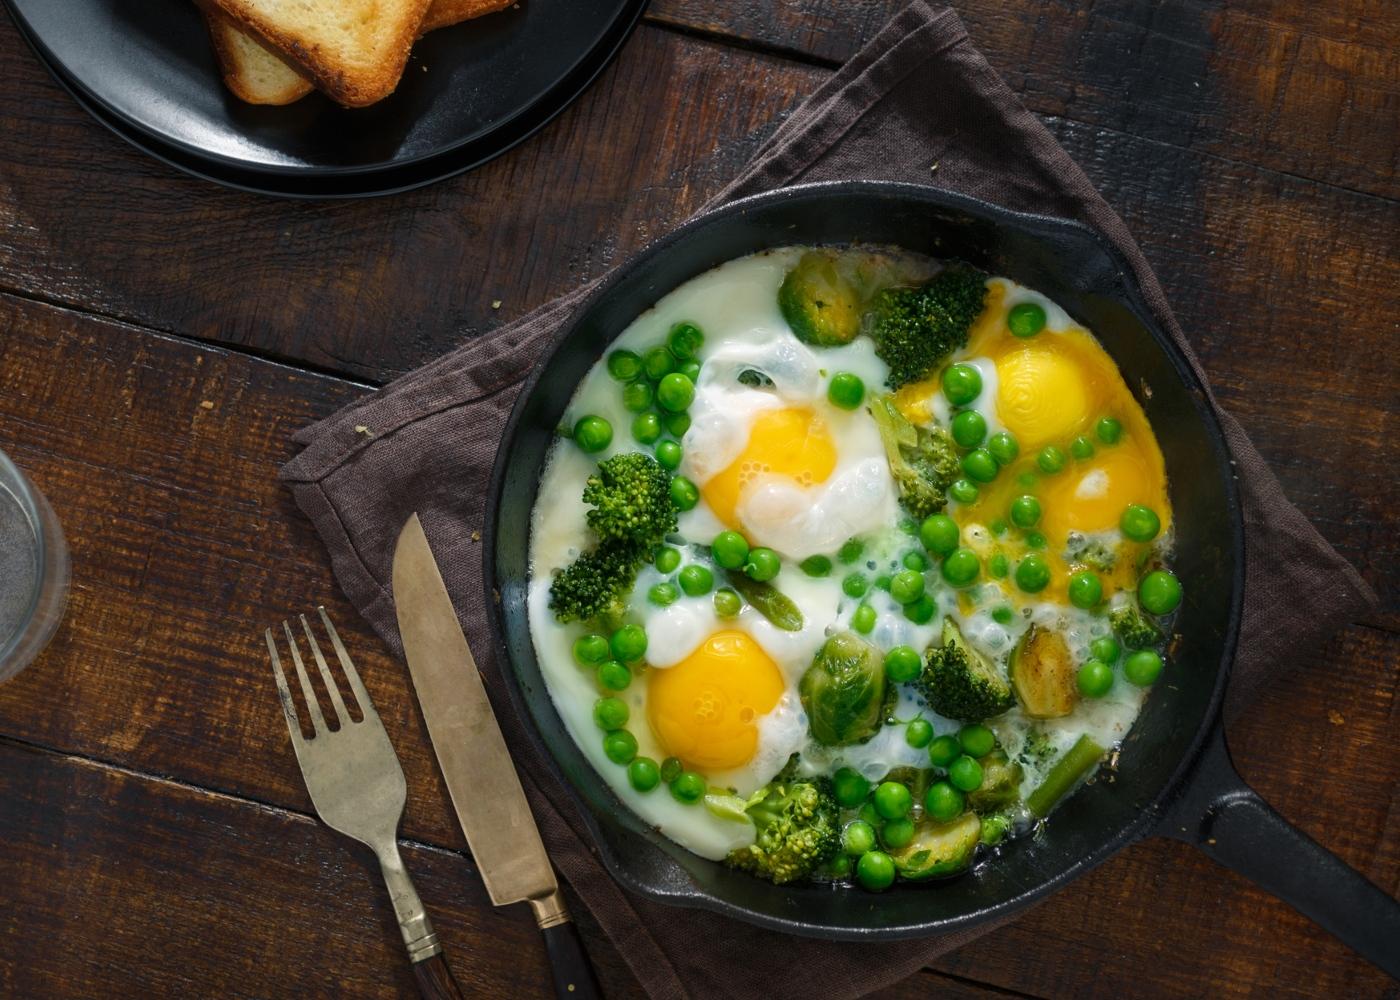 Formas de comer ovo cozido: ovos escalfados